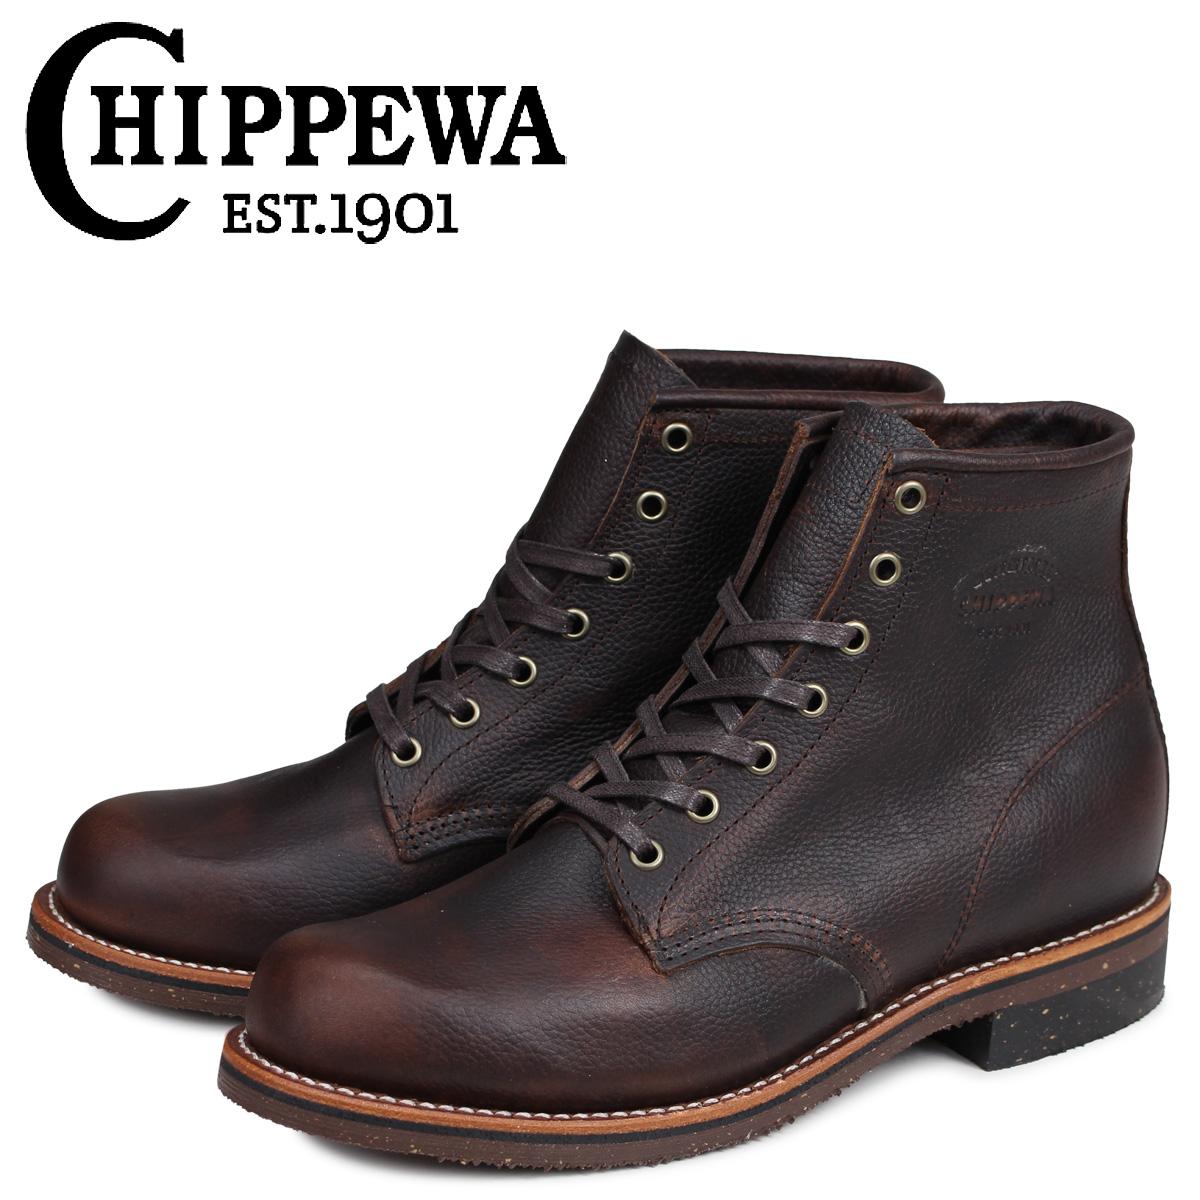 チペワ CHIPPEWA ブーツ 6インチ サービス 6INCH SERVICE BOOT 1901G25 Dワイズ ダークブラウン メンズ